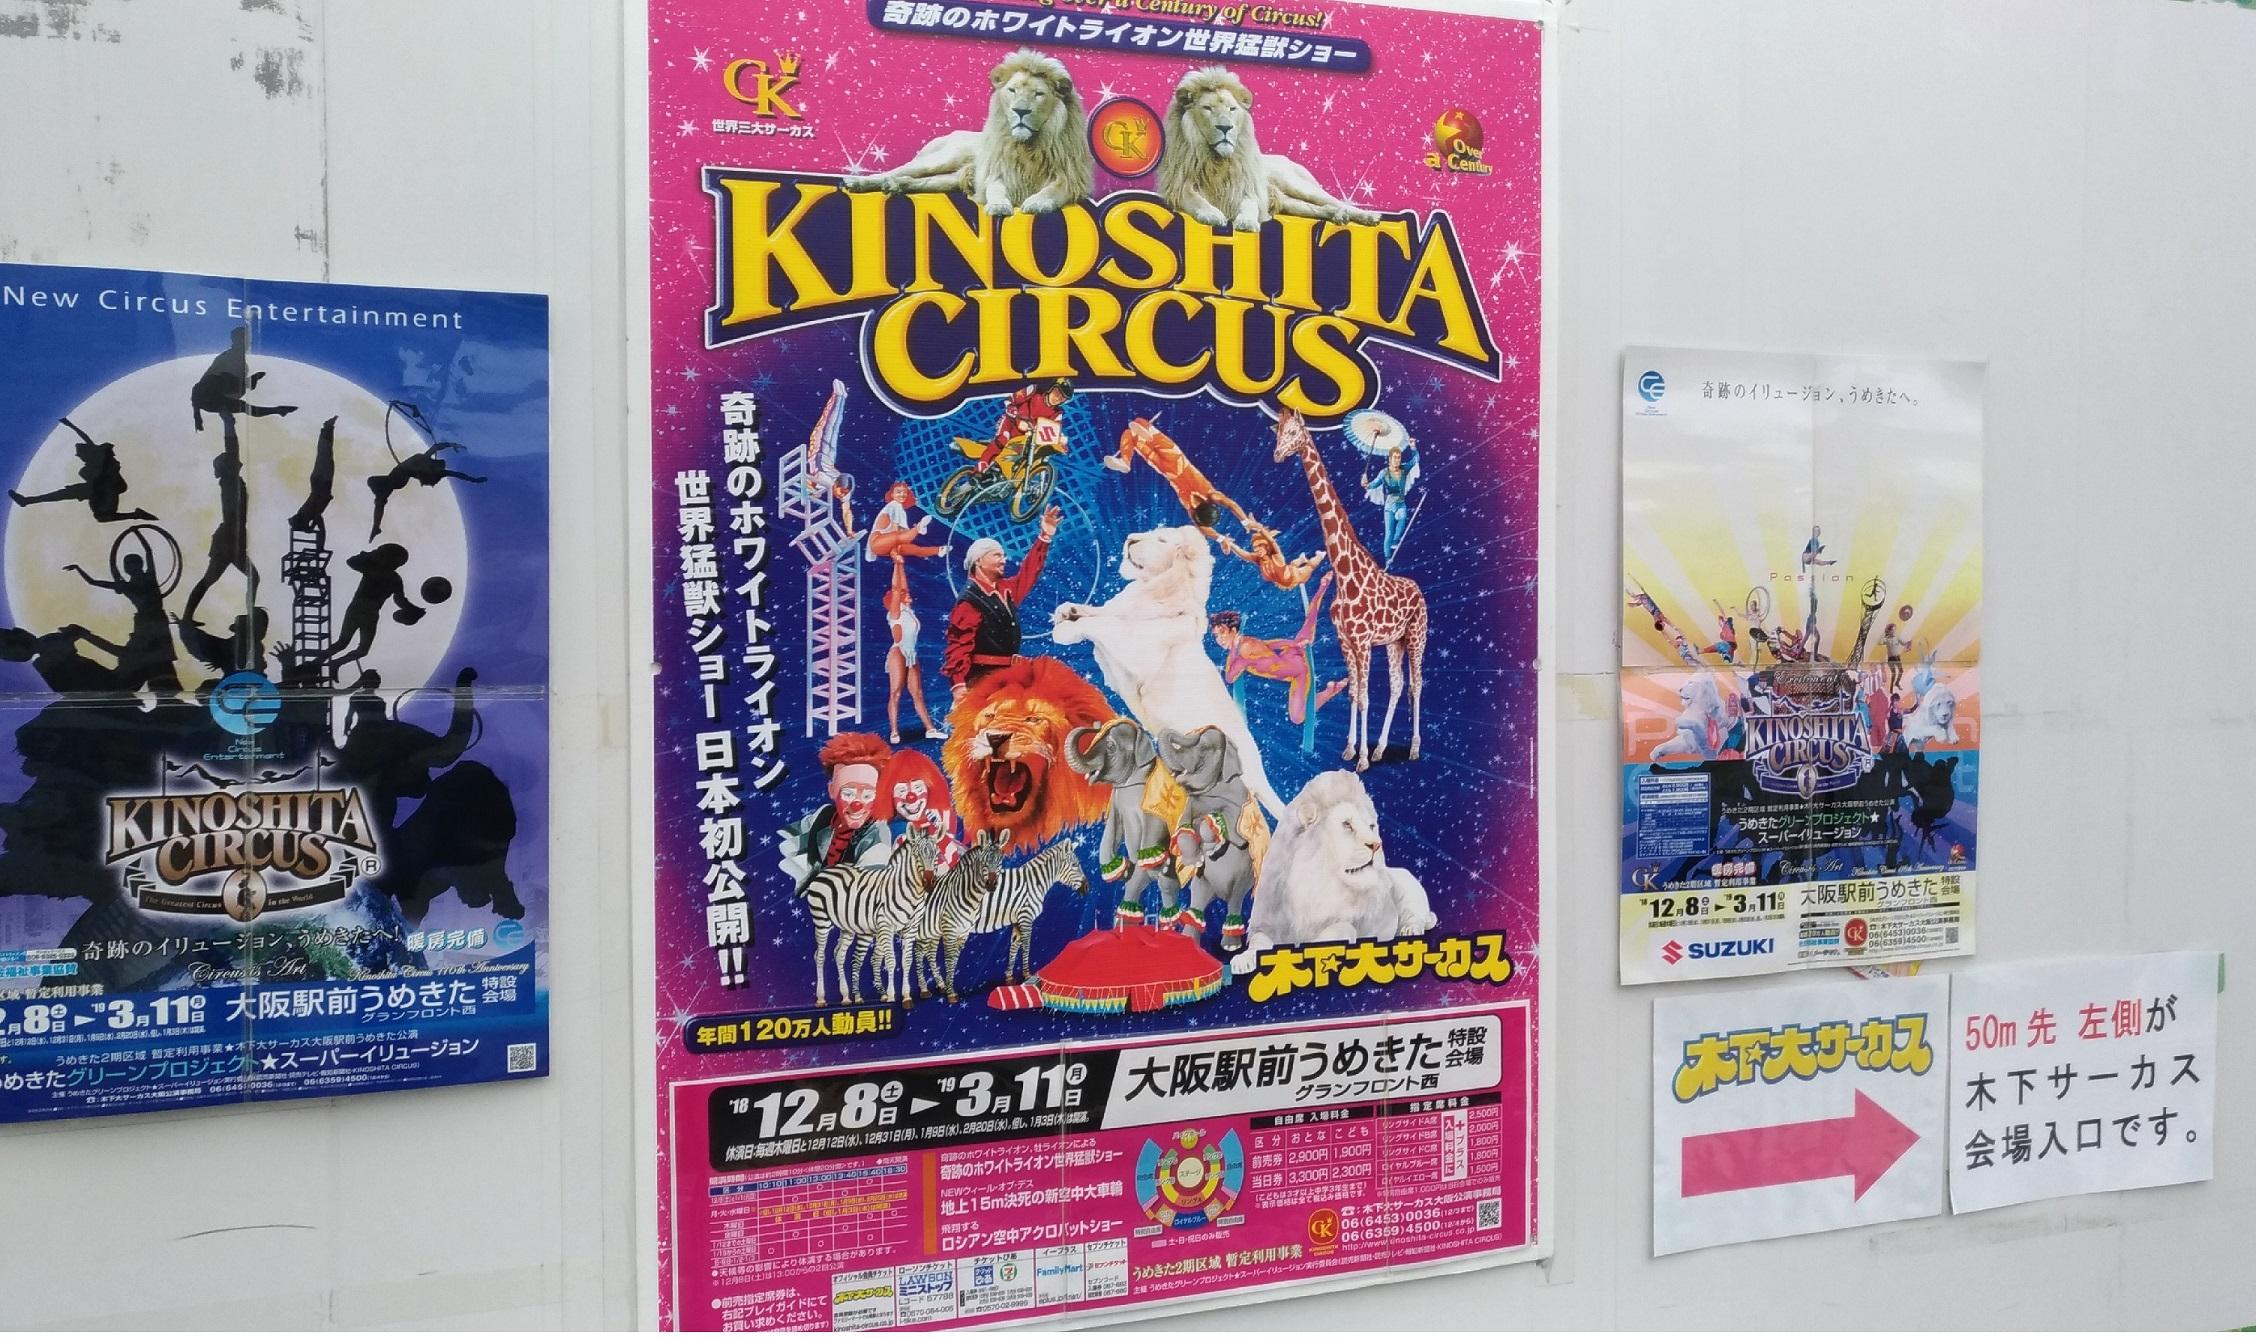 osaka_umekiga_kinoshita_circus.jpg